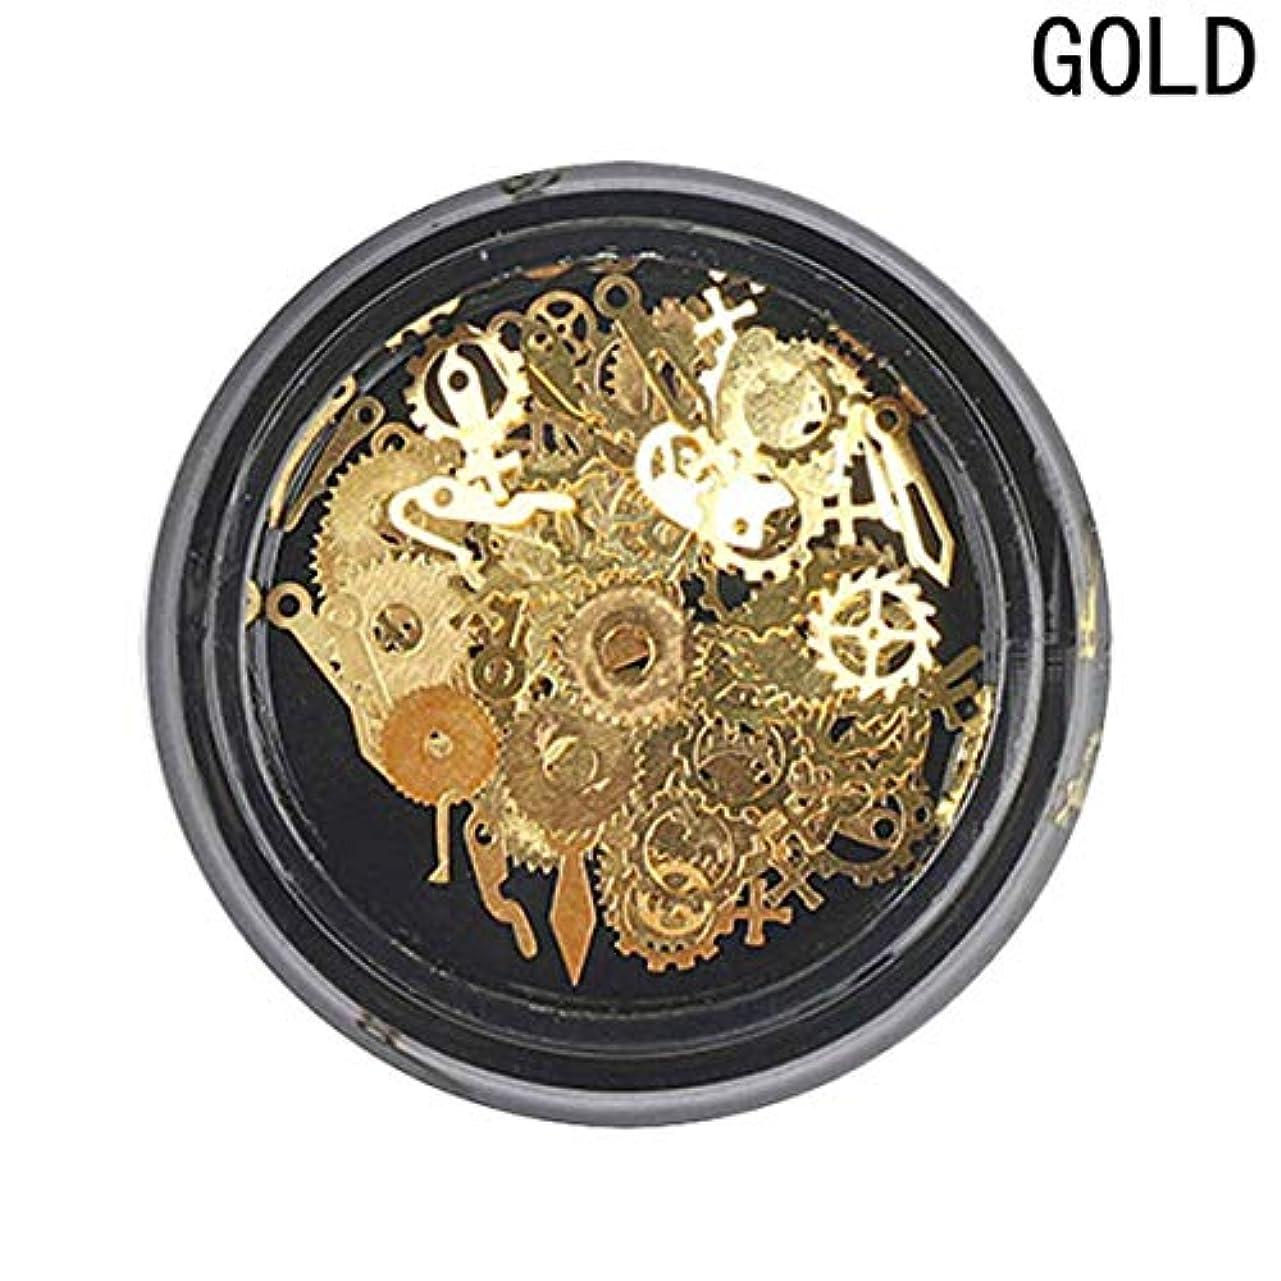 静的タウポ湖修正Yoshilimen 新しいスタイルファッションユニークな合金蒸気パンクギアネイルアート装飾金属スタイルの創造的な女性の爪DIYアクセサリー1ボックス(None golden)